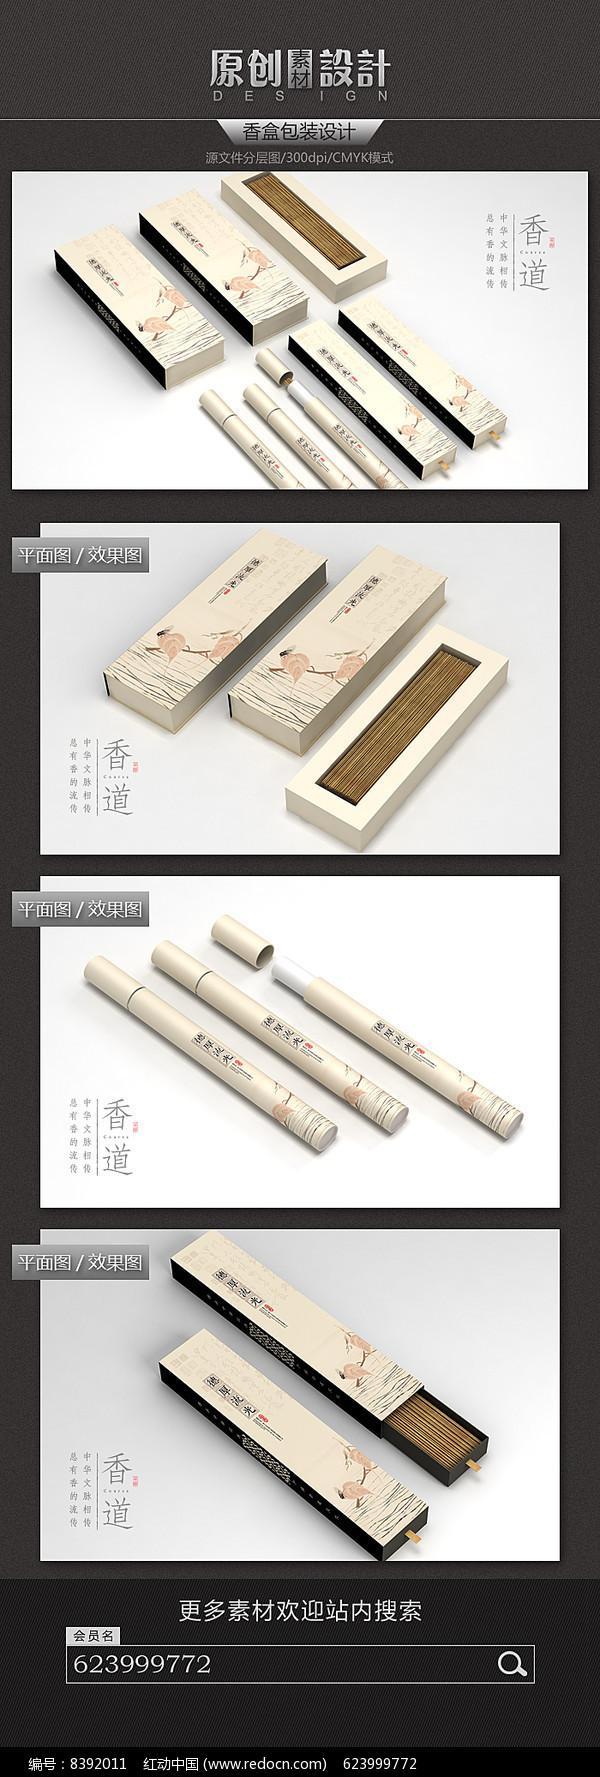 简约素雅香盒包装设计图片